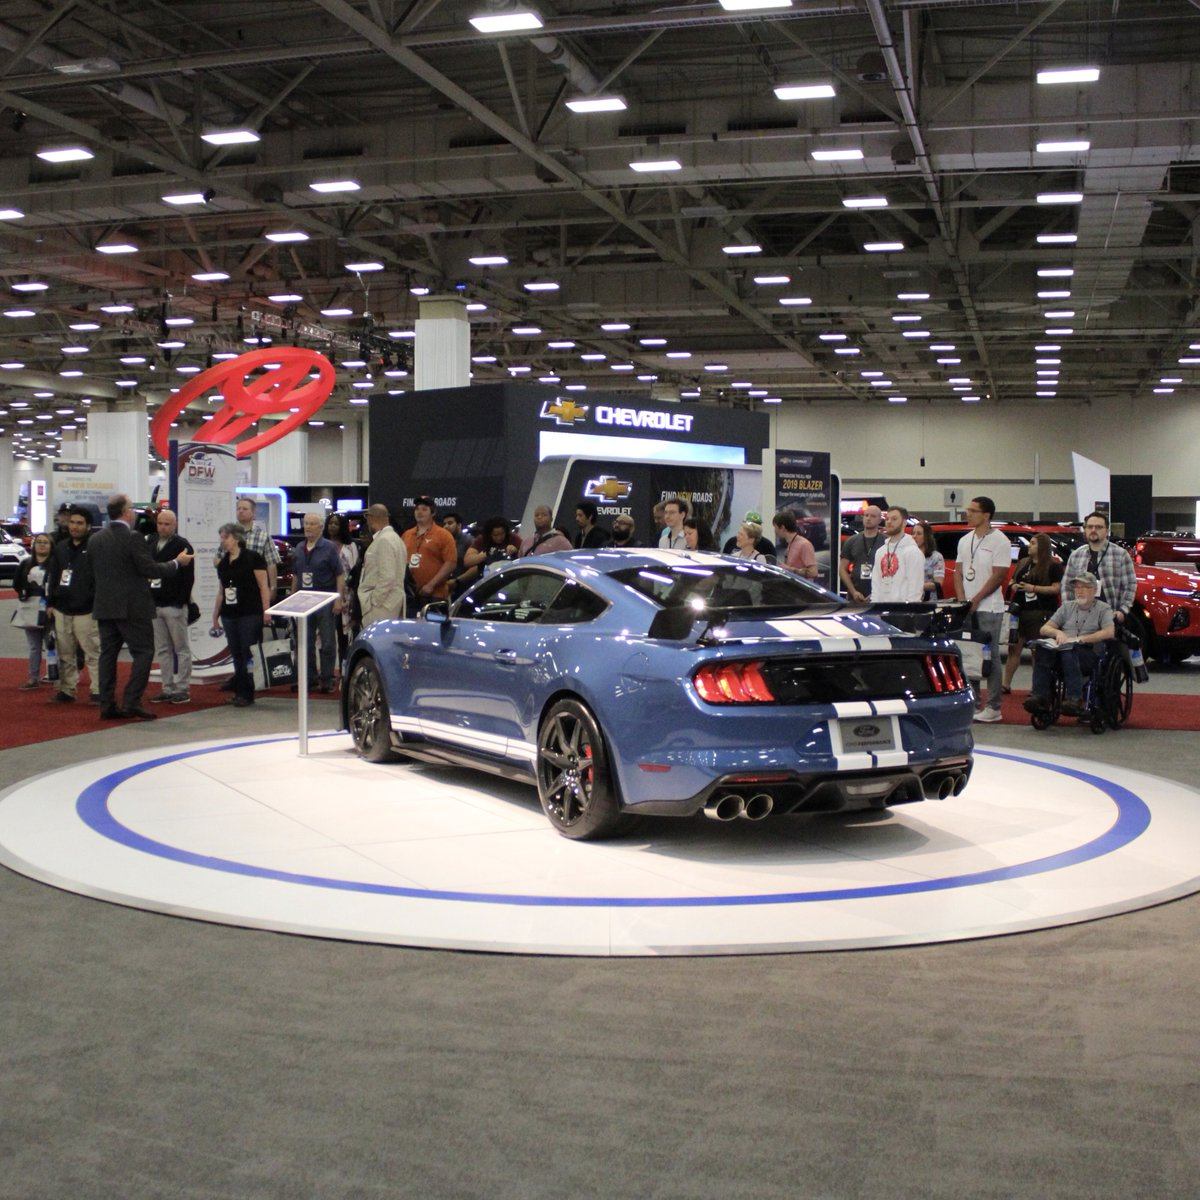 Dallas Auto Show >> Dfw Auto Show Dfwautoshow Twitter